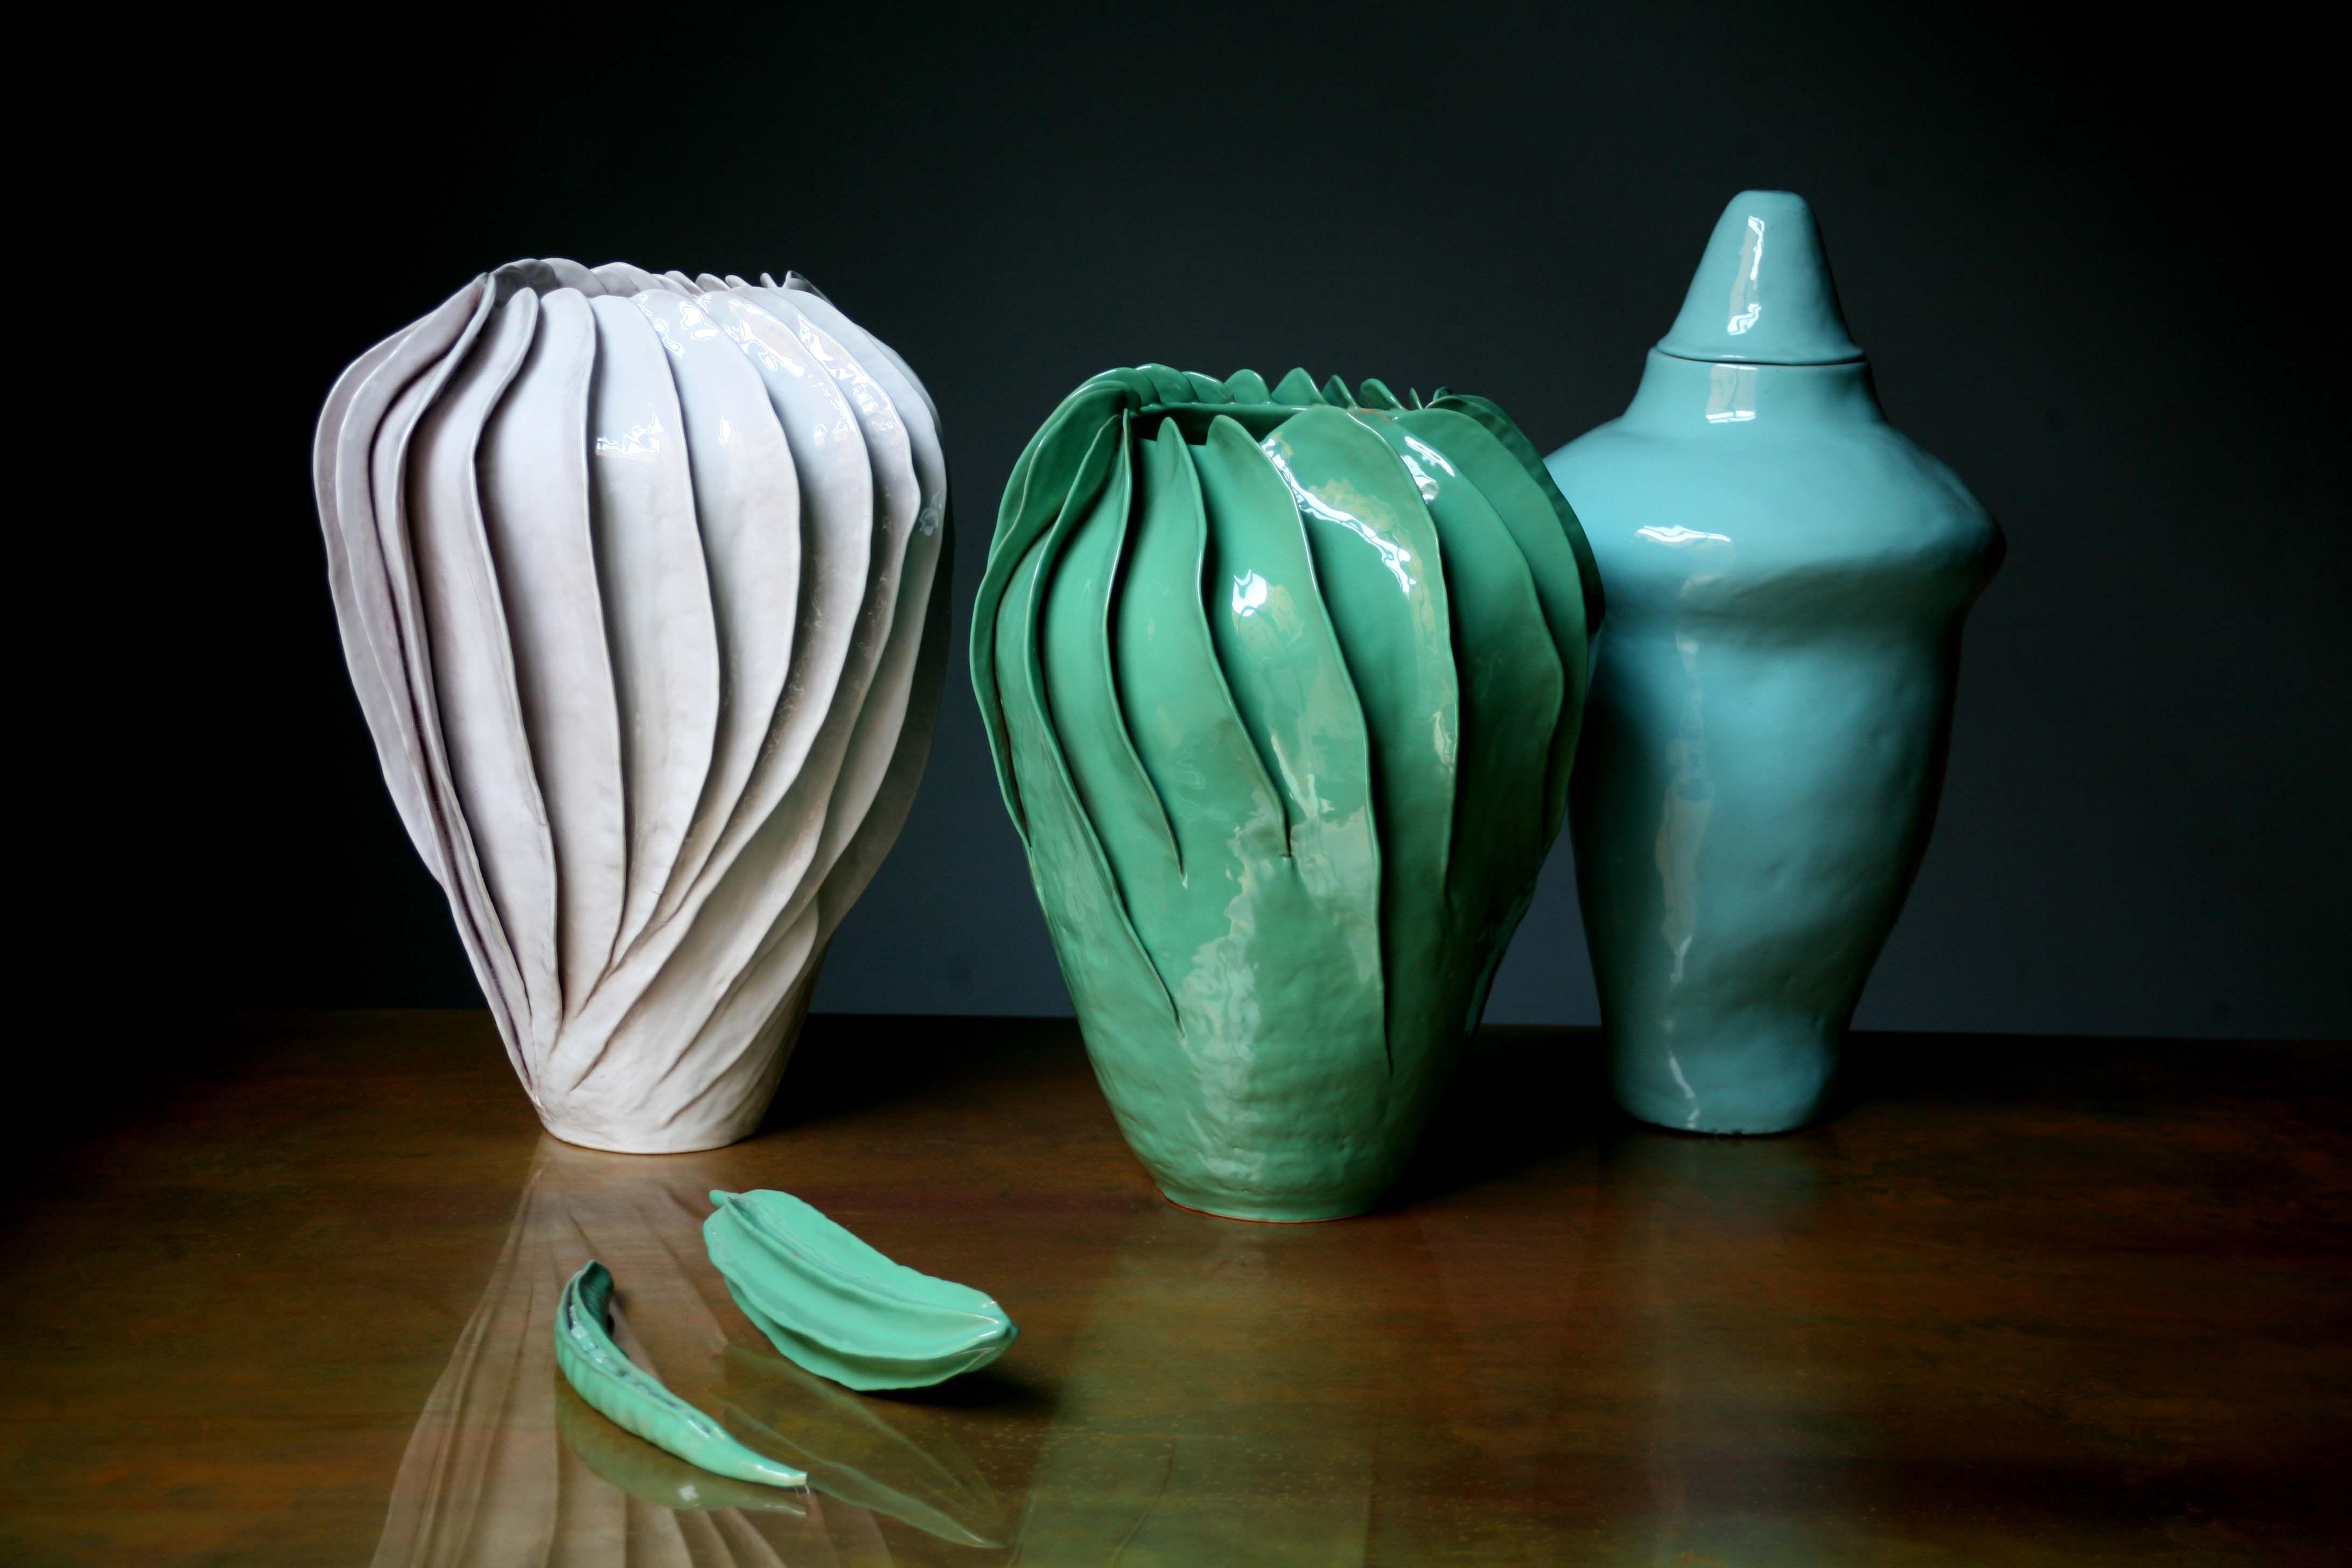 Ceramic vases 2016 claudia frignani milano ceramic vases by ceramic vases 2016 claudia frignani milano reviewsmspy